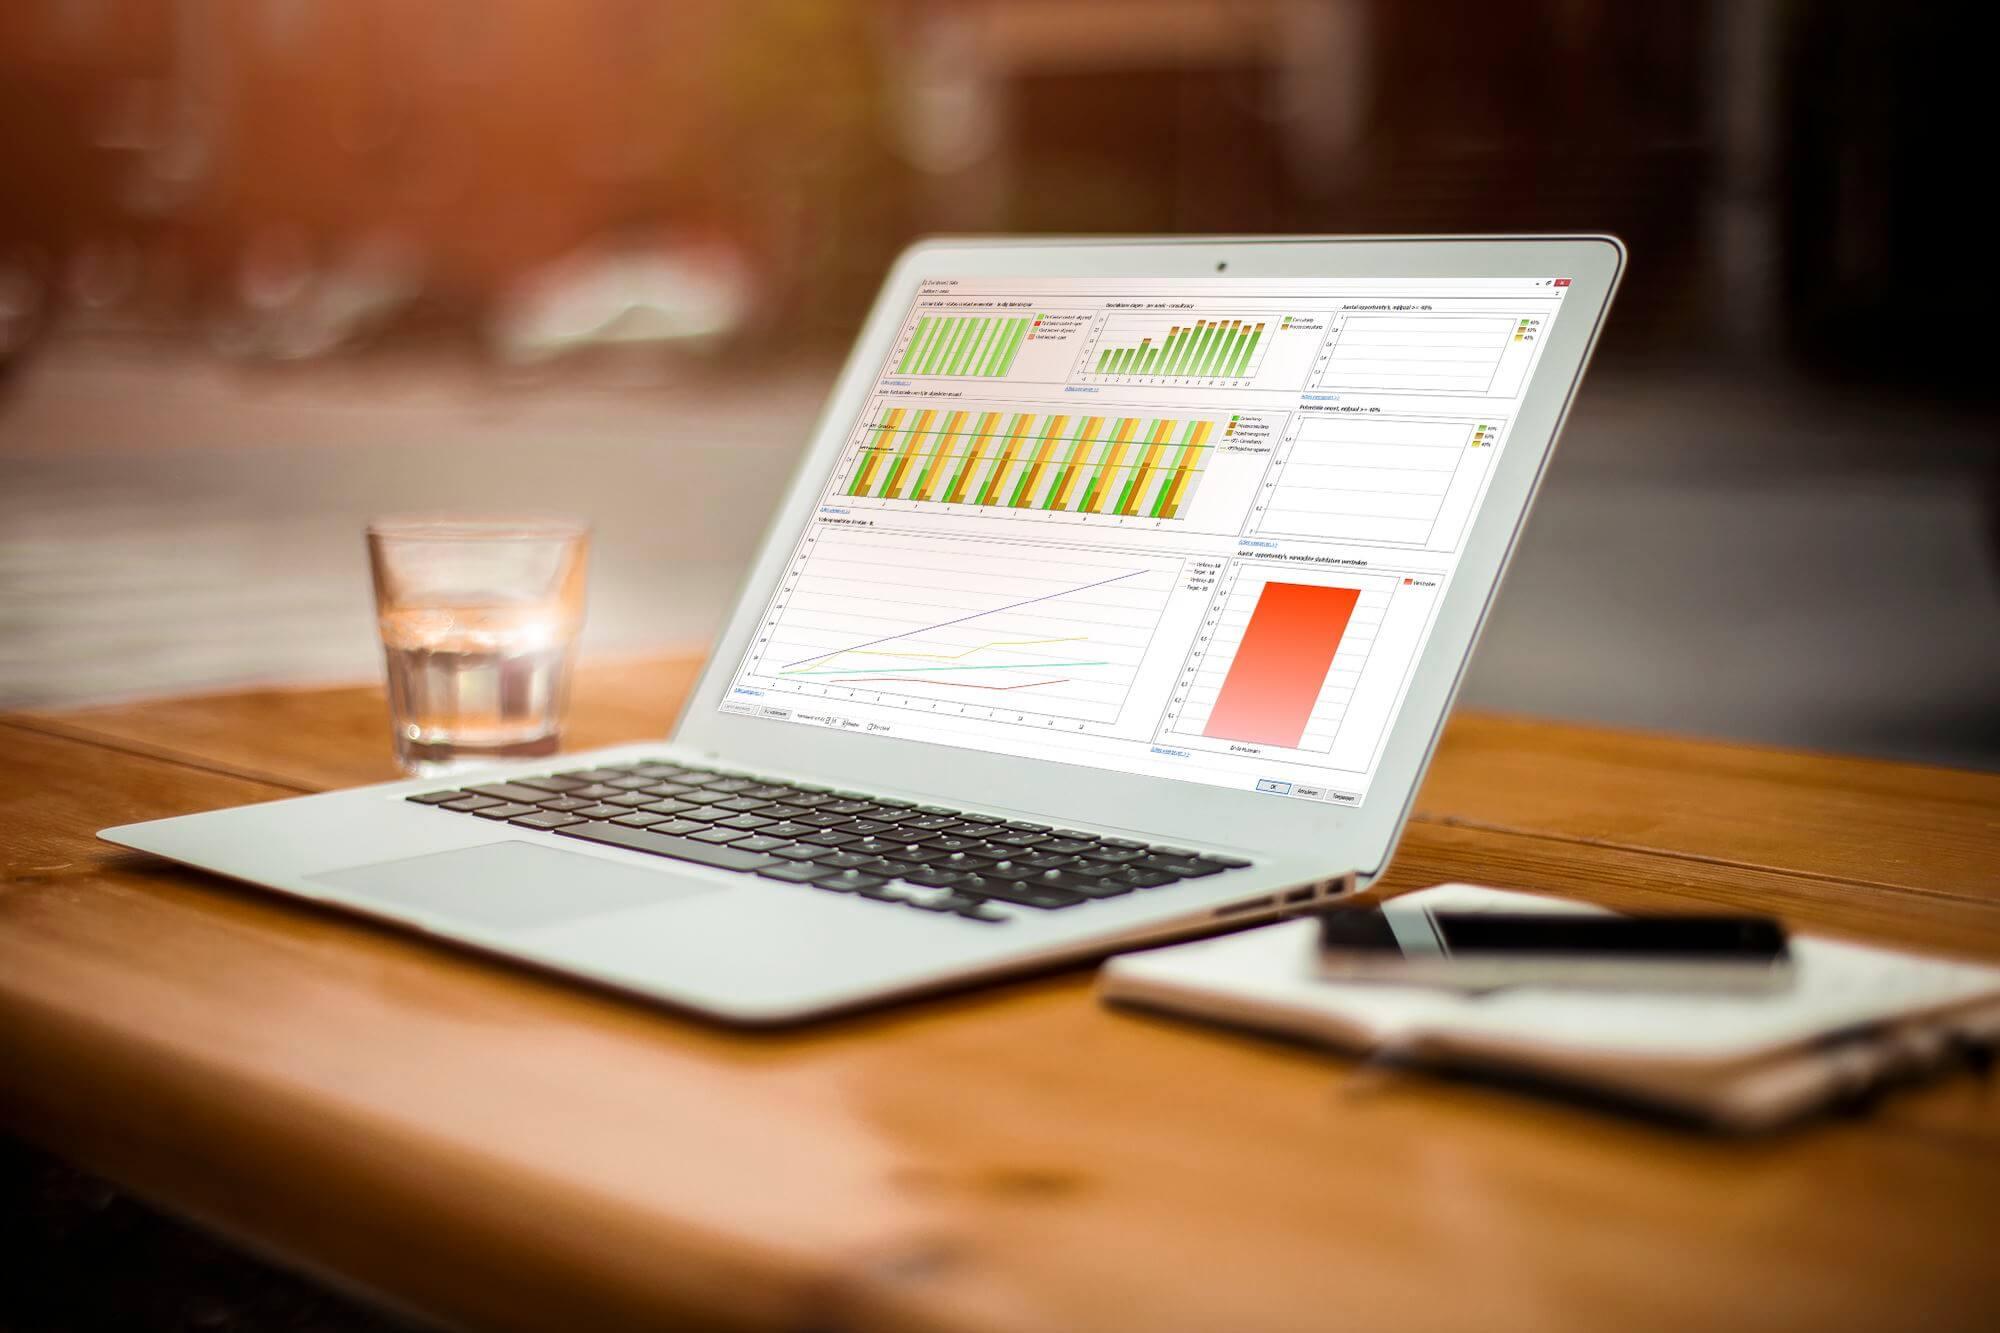 Krijg inzicht in de resultaten van uw helpdesk met de service desk software van Mproof.